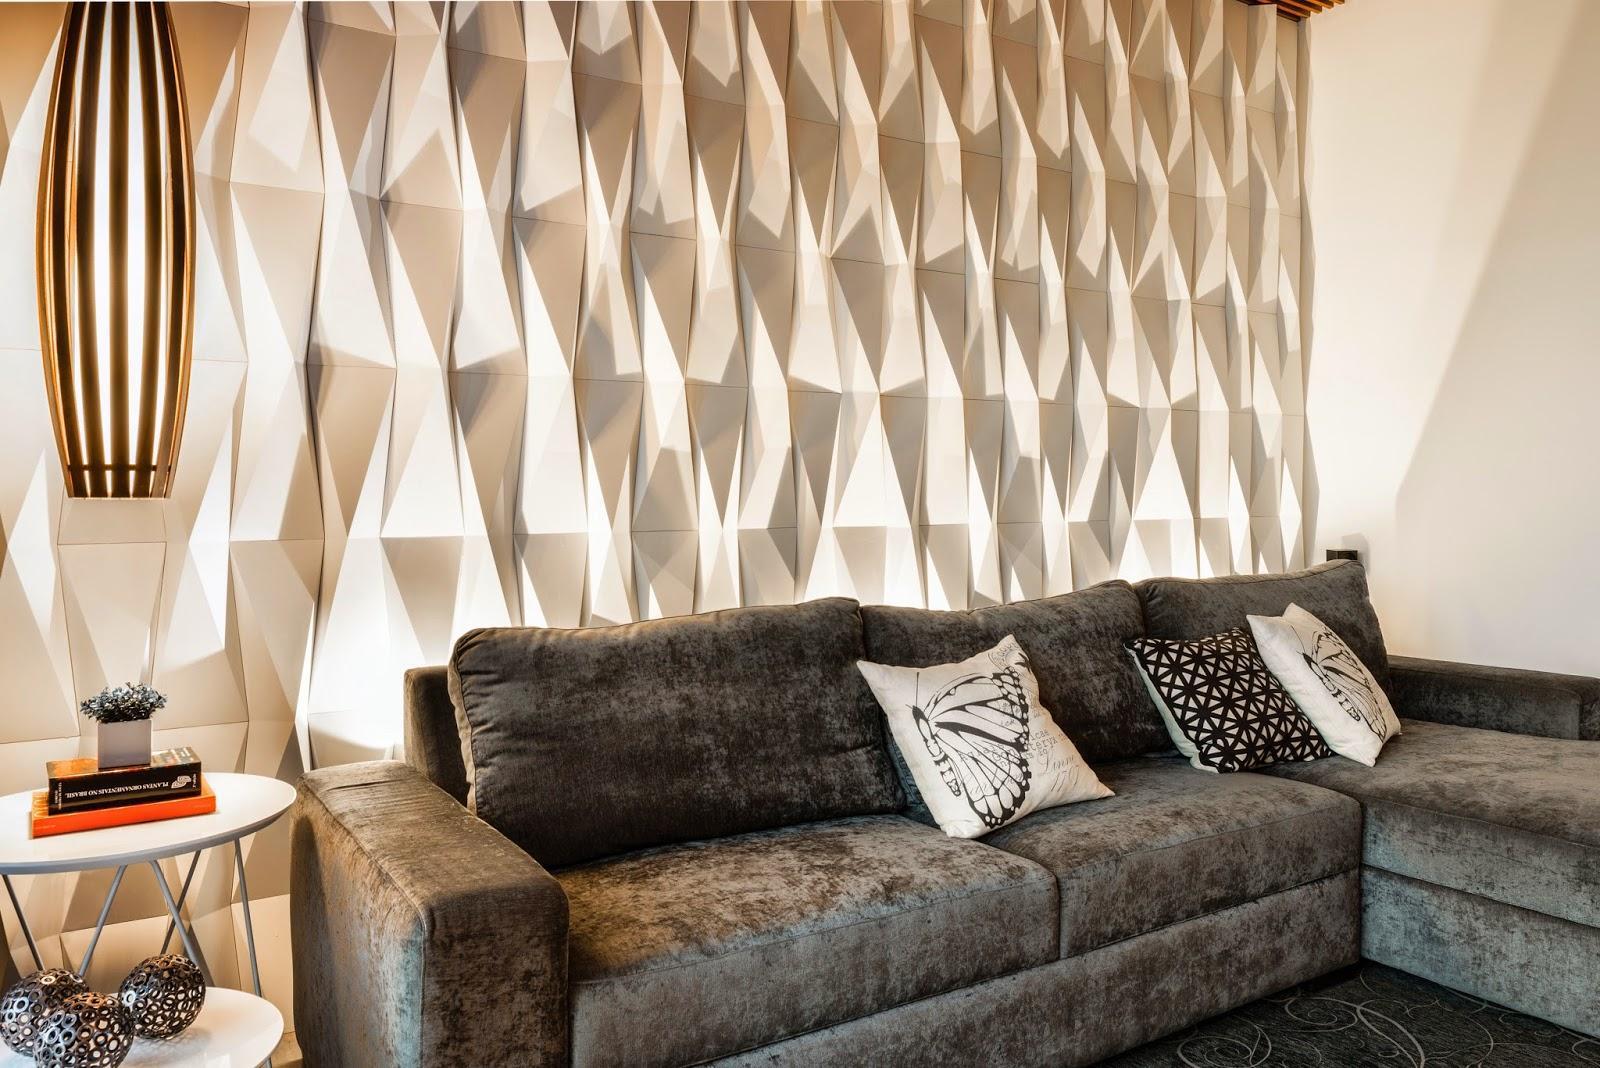 Gesso 3d nova tend ncia na decora o salles im veis - Placas decorativas paredes interiores ...